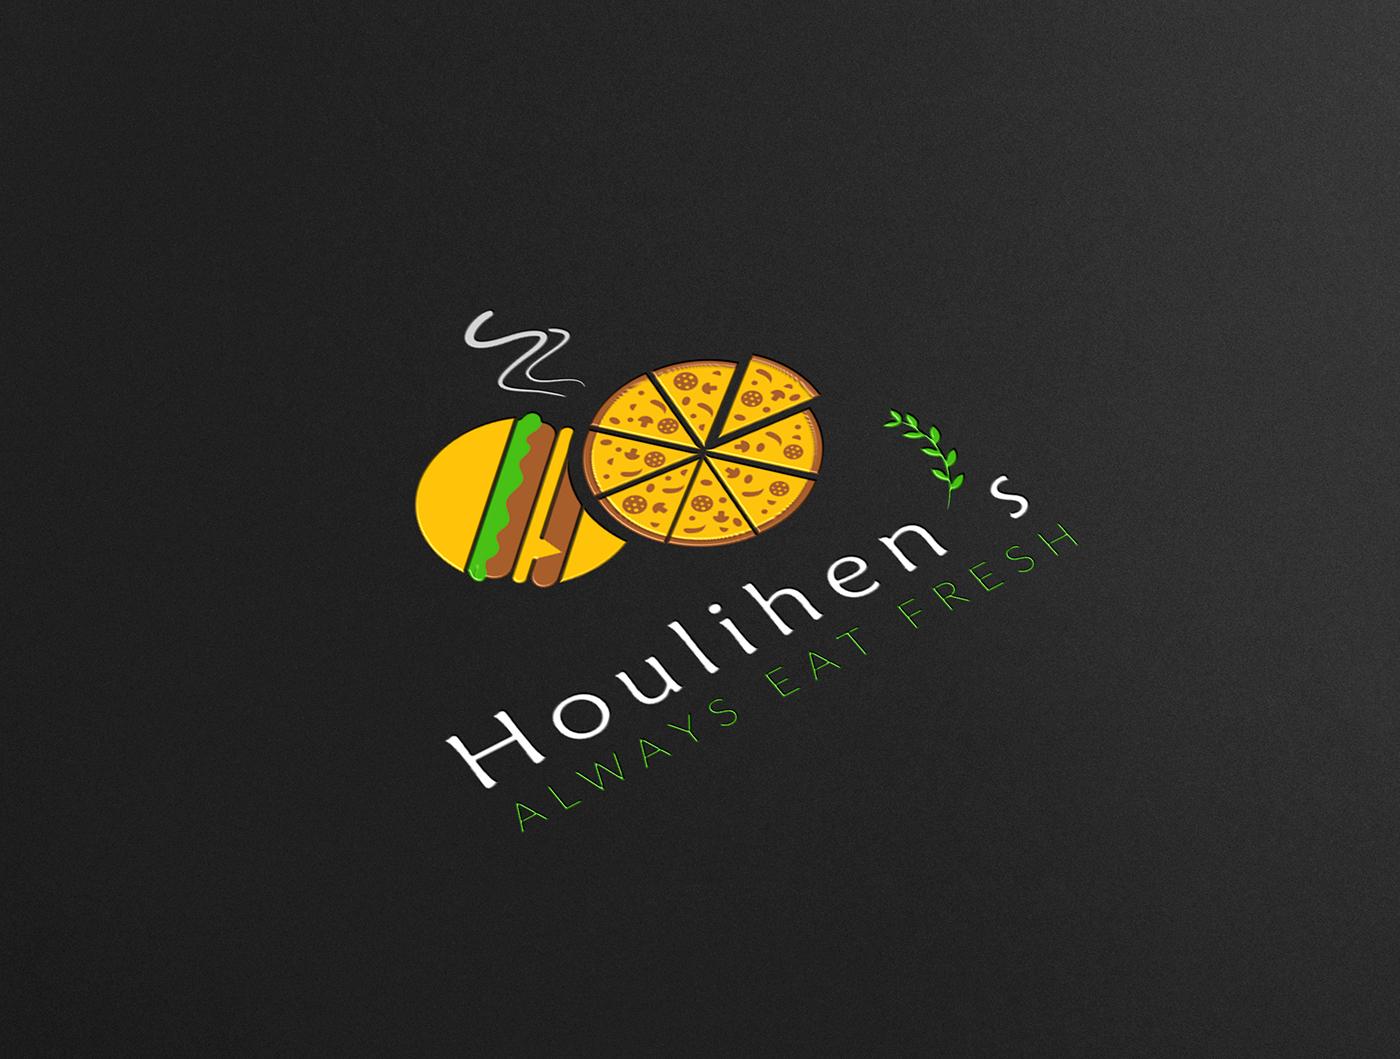 Logo Design Mockups mockup psd graphic design  Brand Identity Mockups business card Free Mockups